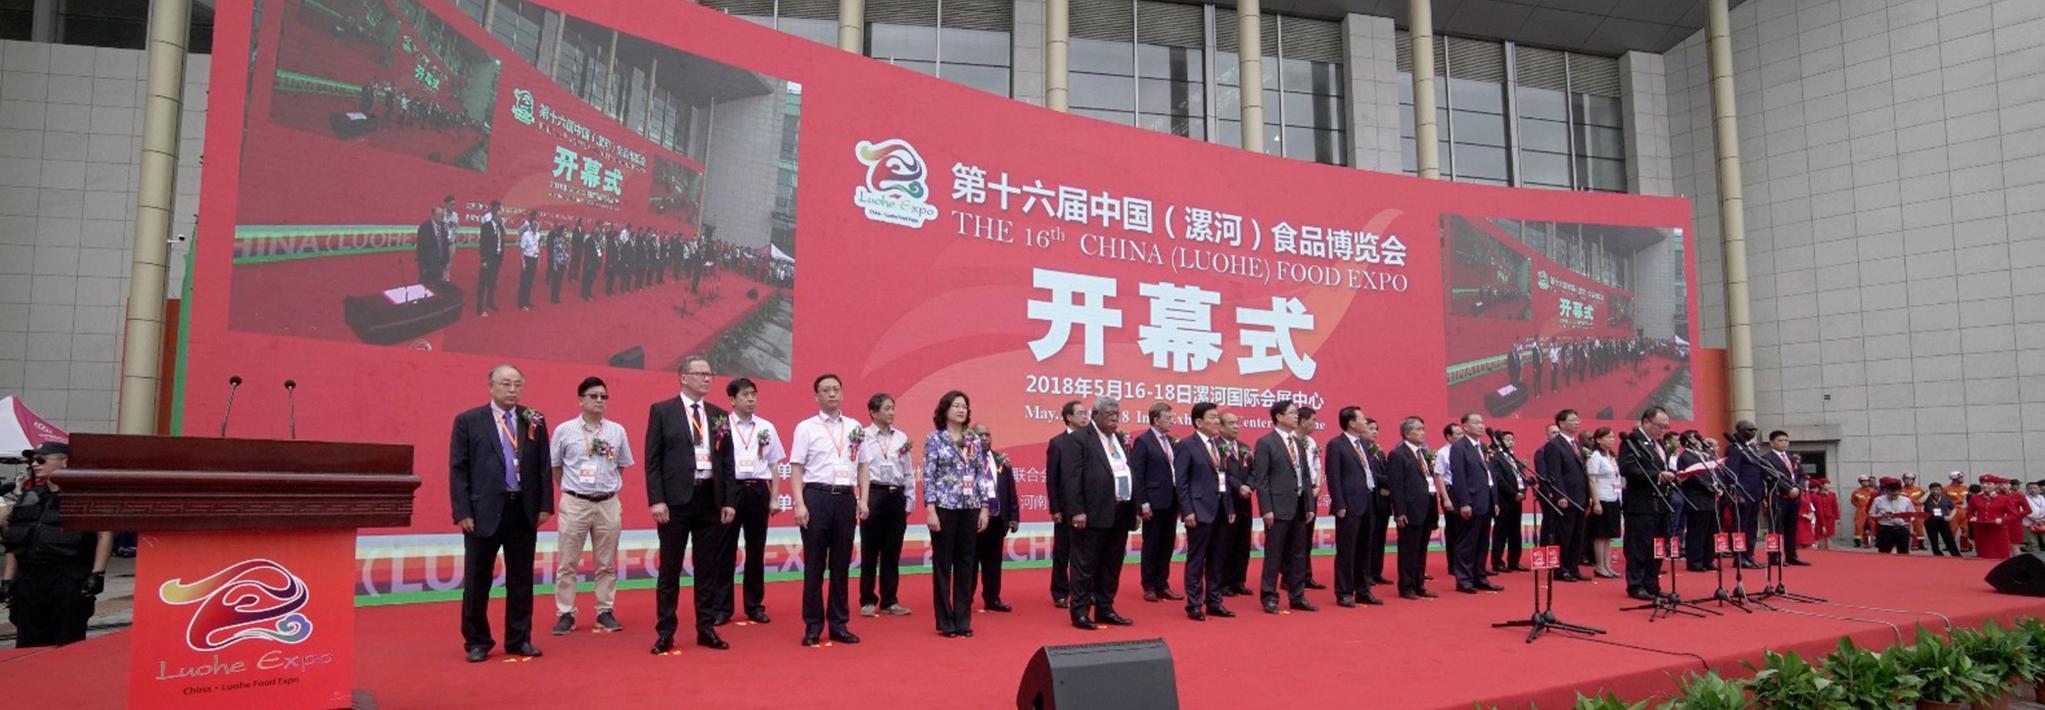 第十六届易胜博足球比分(漯河)易胜博网址博览会